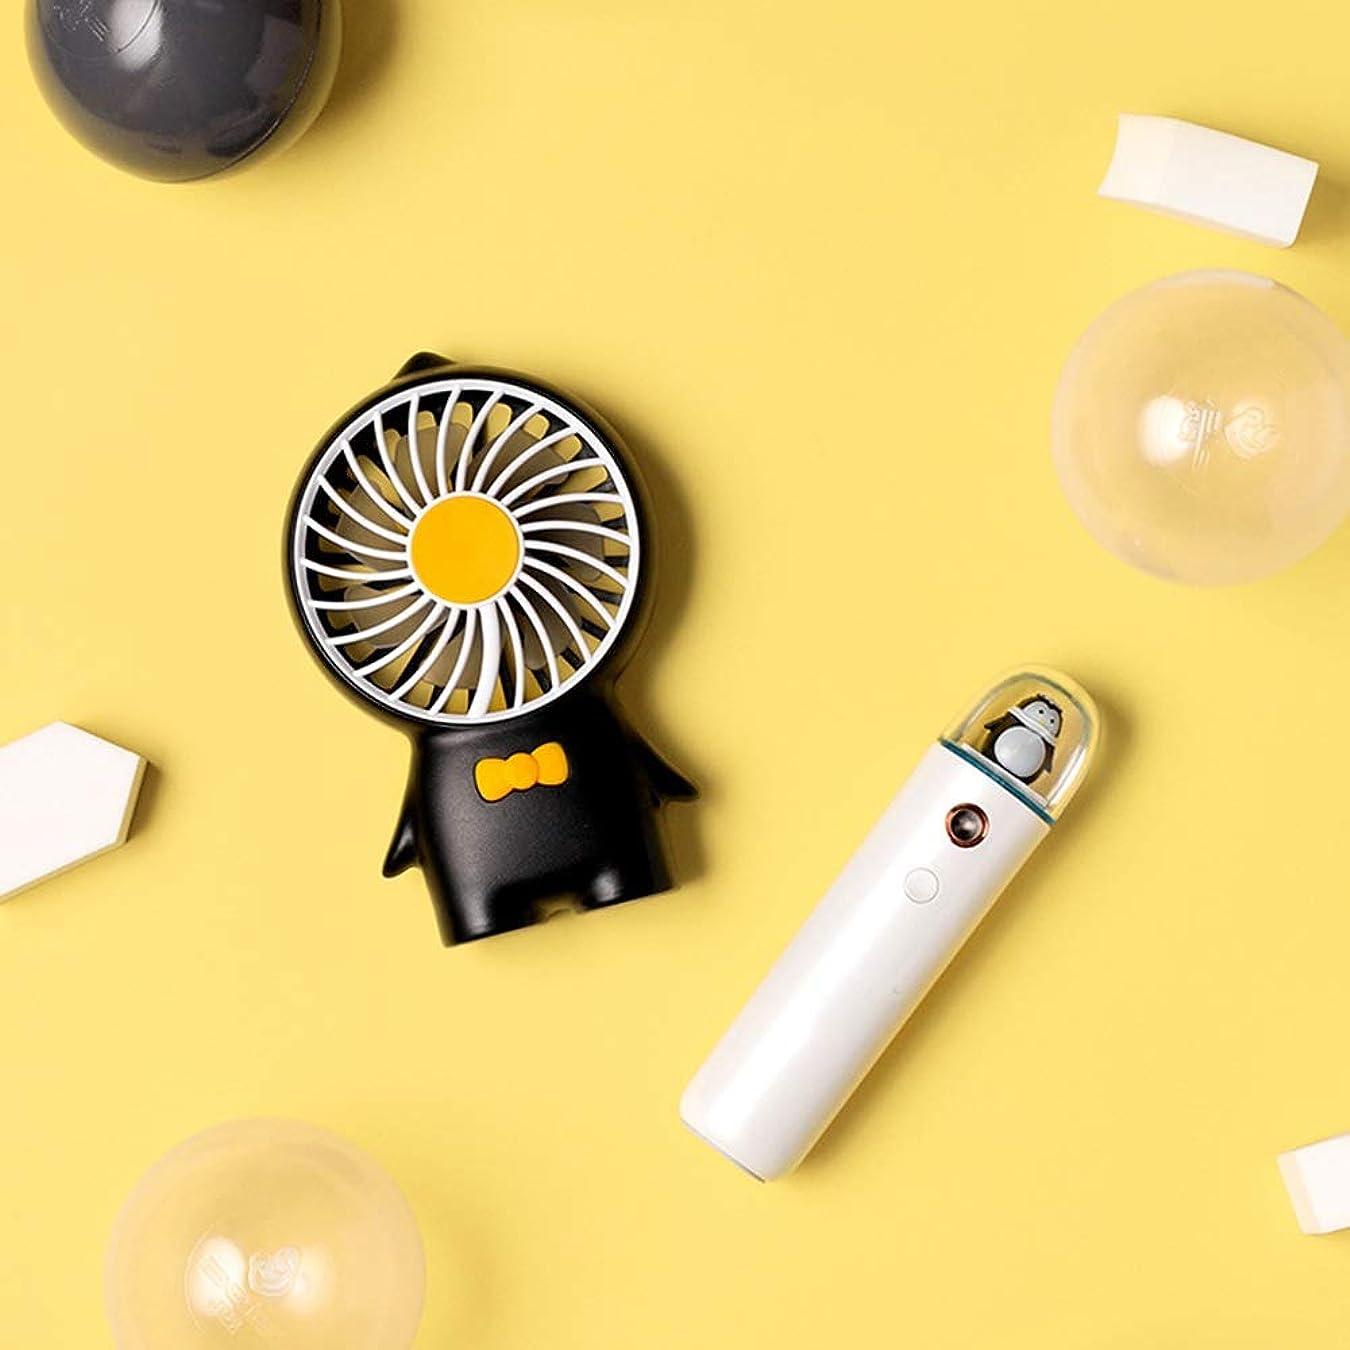 即席時々時々罪悪感ZXF コールドスプレー水道メーターusb充電ナノスプレー小さなファン水道メーター美容機器黒モデルホワイトガールギフト用ガールフレンドセット 滑らかである (色 : Black)